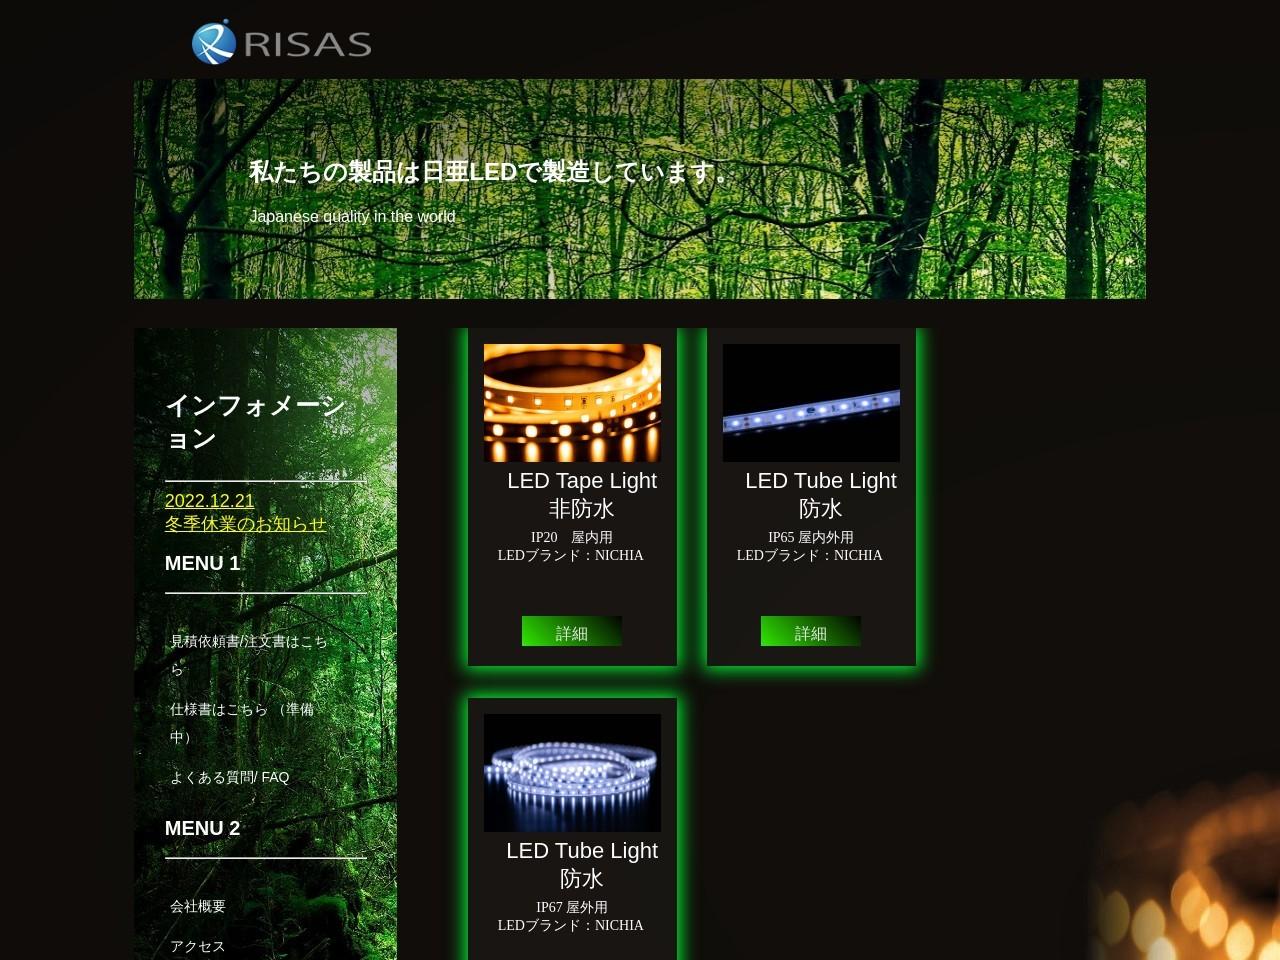 株式会社ライザス(RISAS)